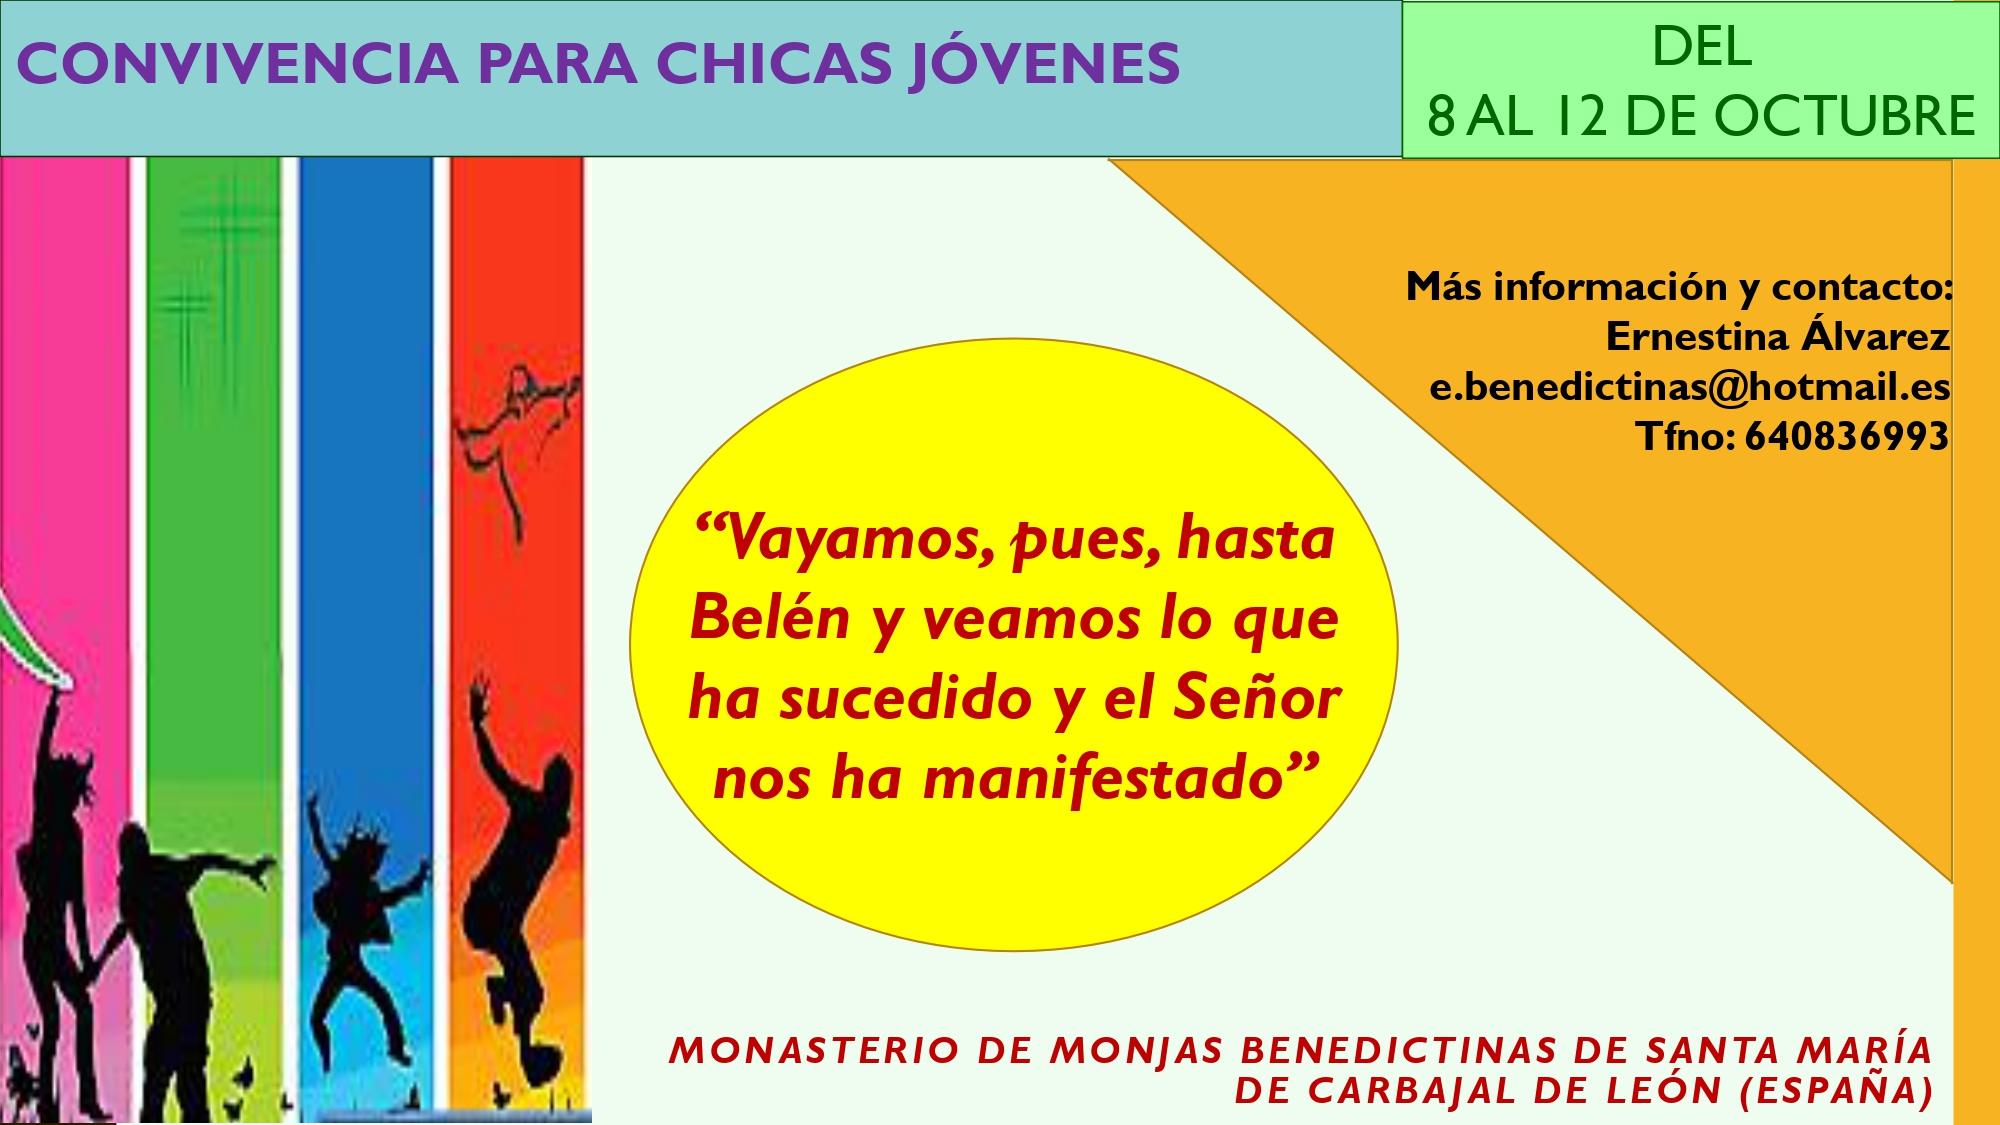 CONVIVENCIA PARA CHICAS JÓVENES